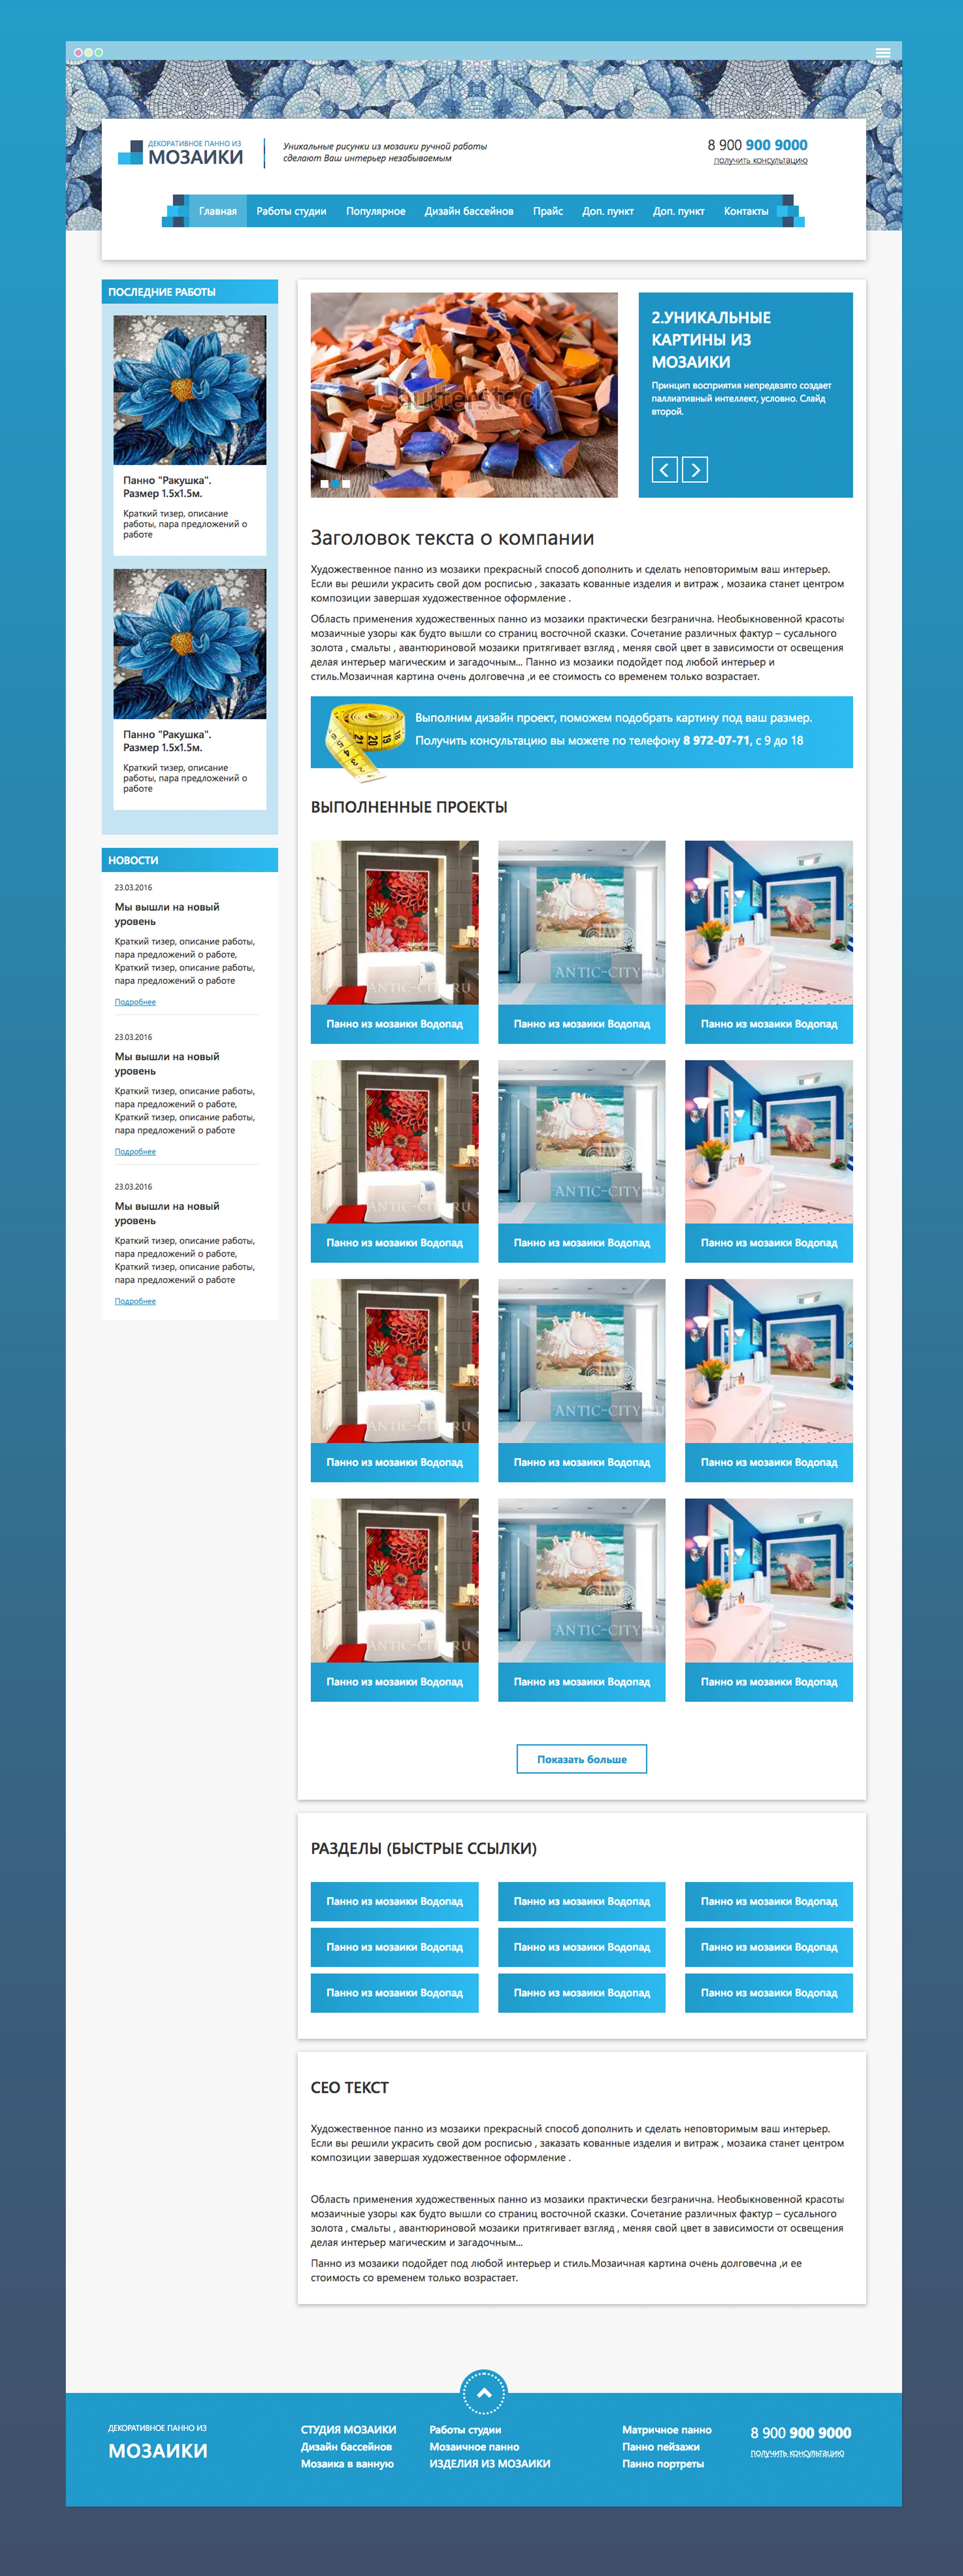 Корпоративный сайт – дизайн мозайки и панно